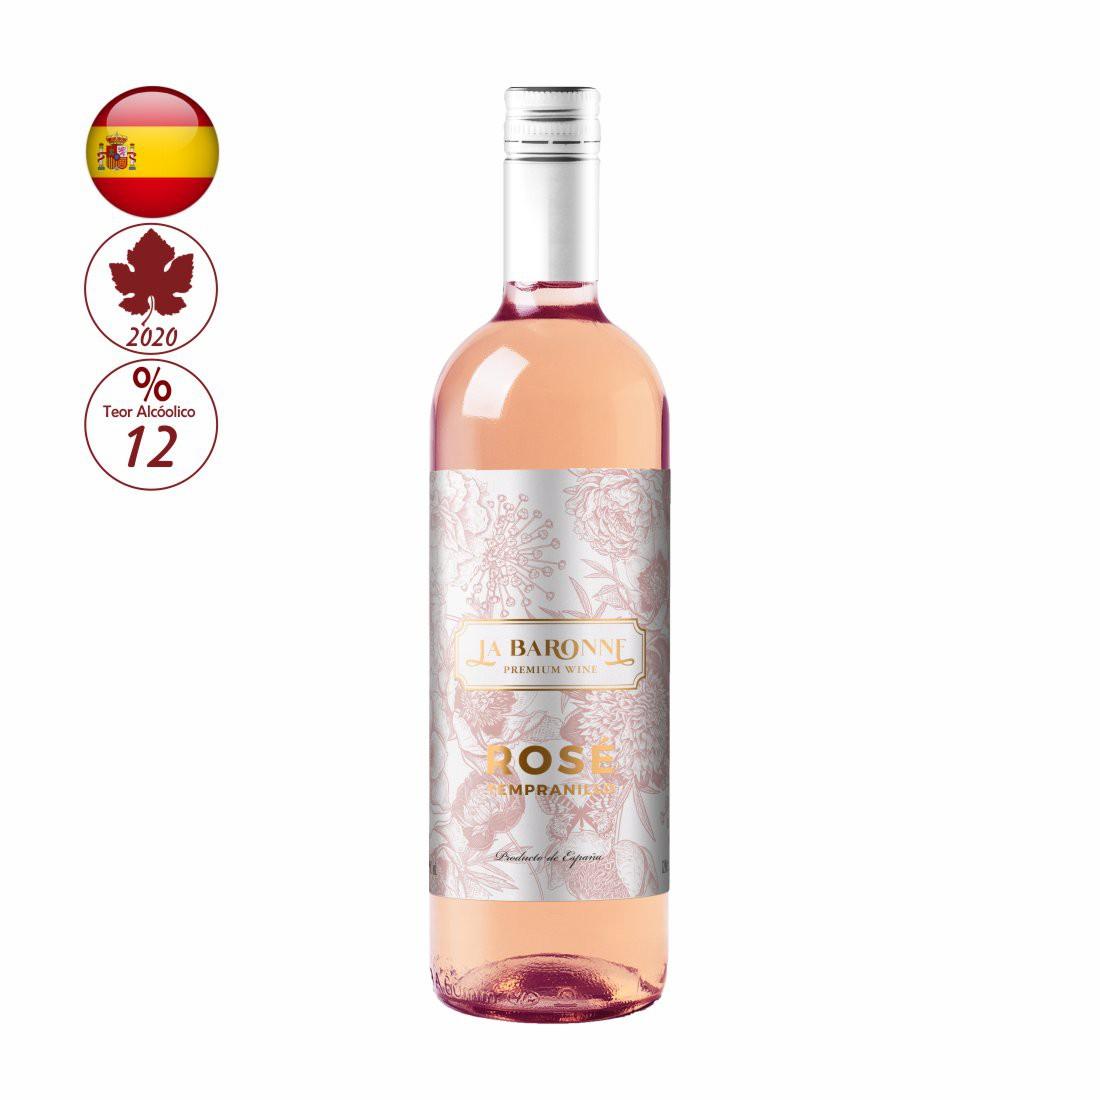 VINHO LA BARONNE ESPANHOL 750ML TEMPRANILLO ROSE